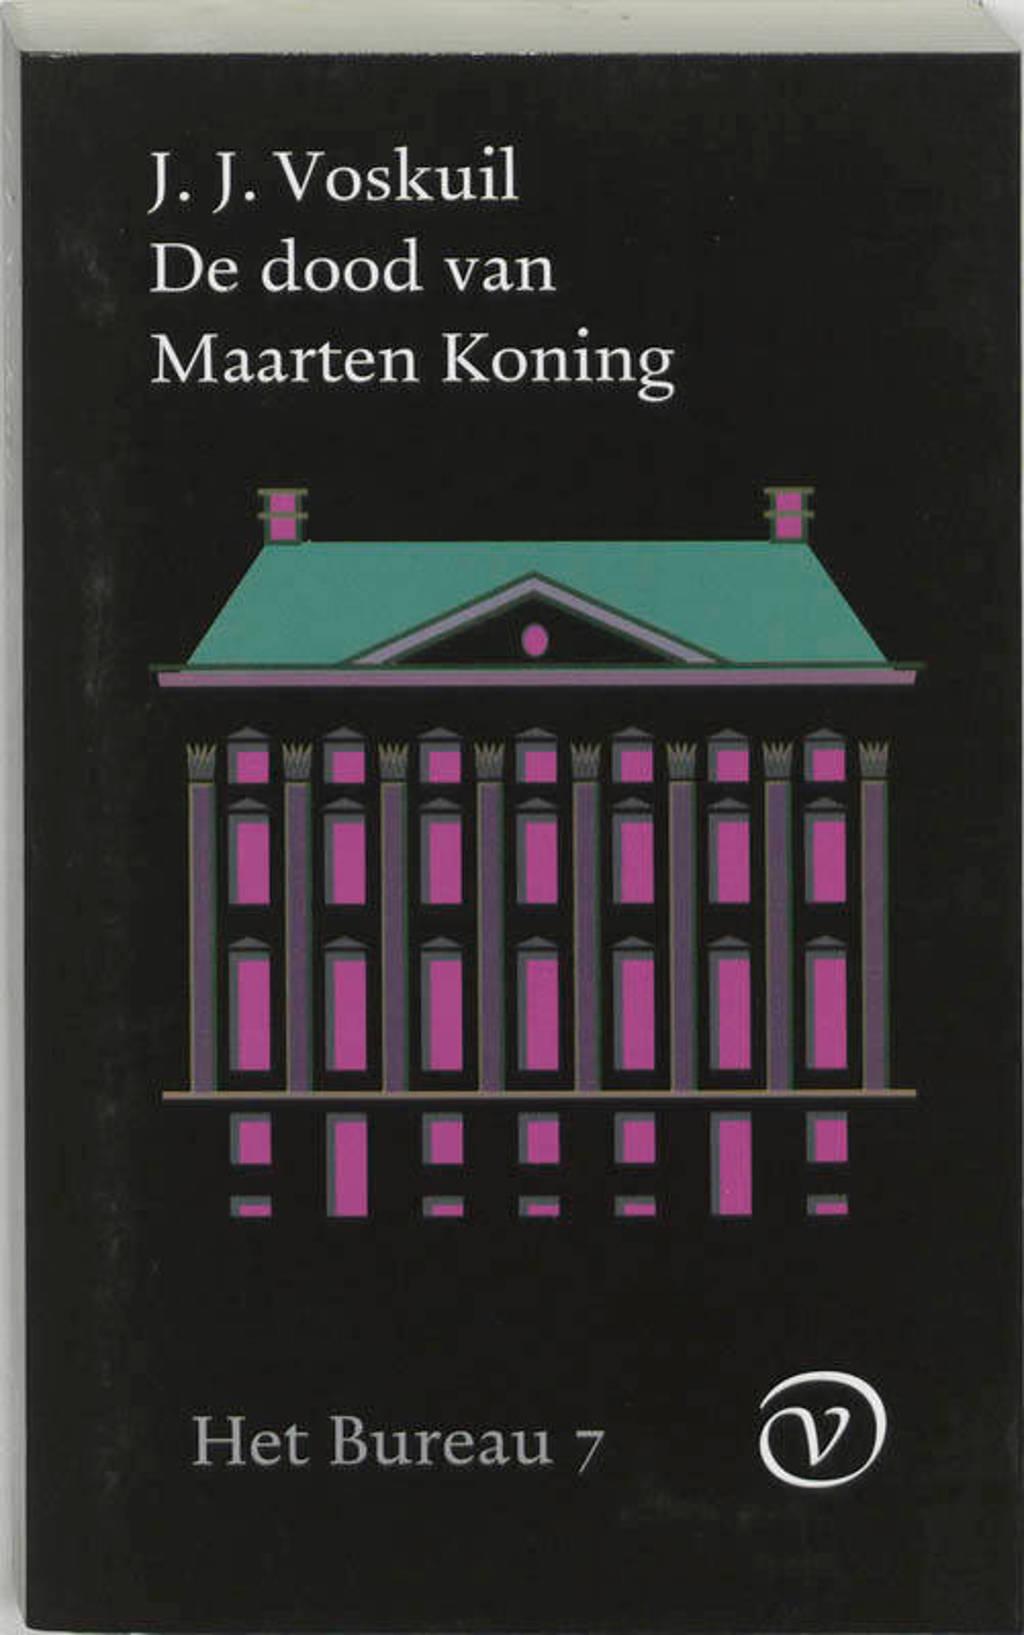 Het bureau: De dood van Maarten Koning - J.J. Voskuil